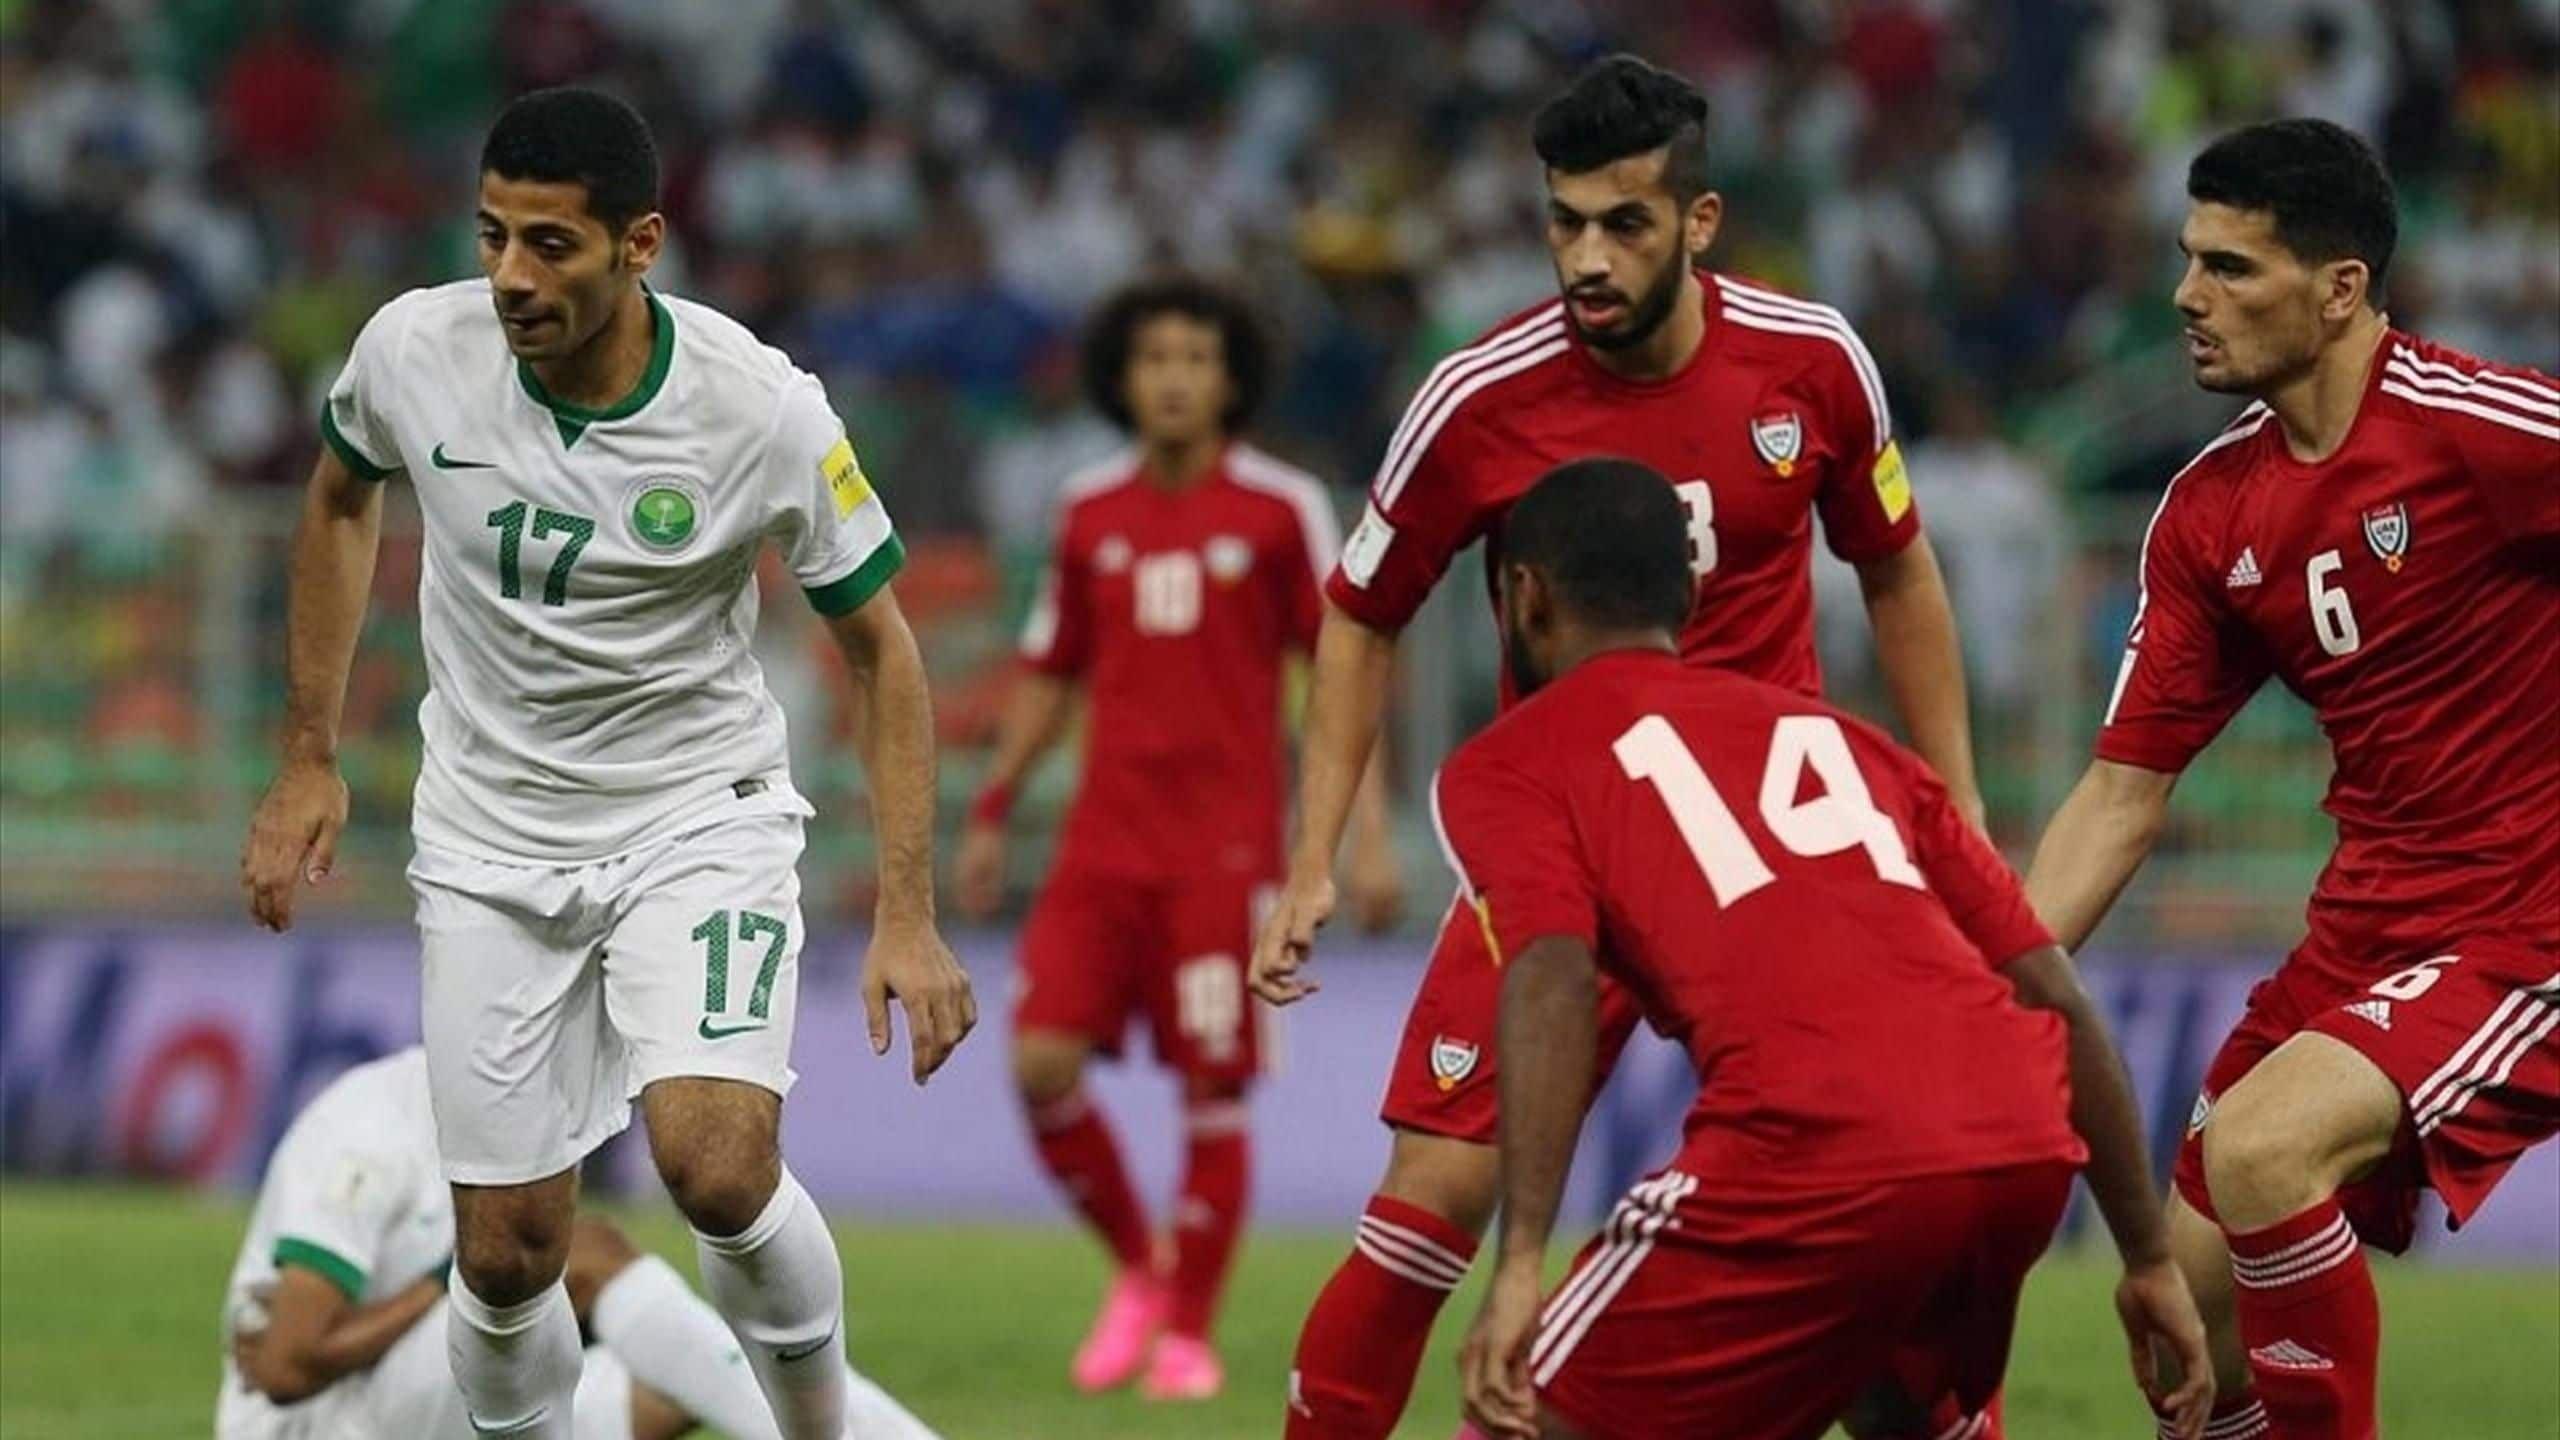 نتيجة مباراة السعودية والإمارات اليوم وملخص مواجهة الأخضر أمام